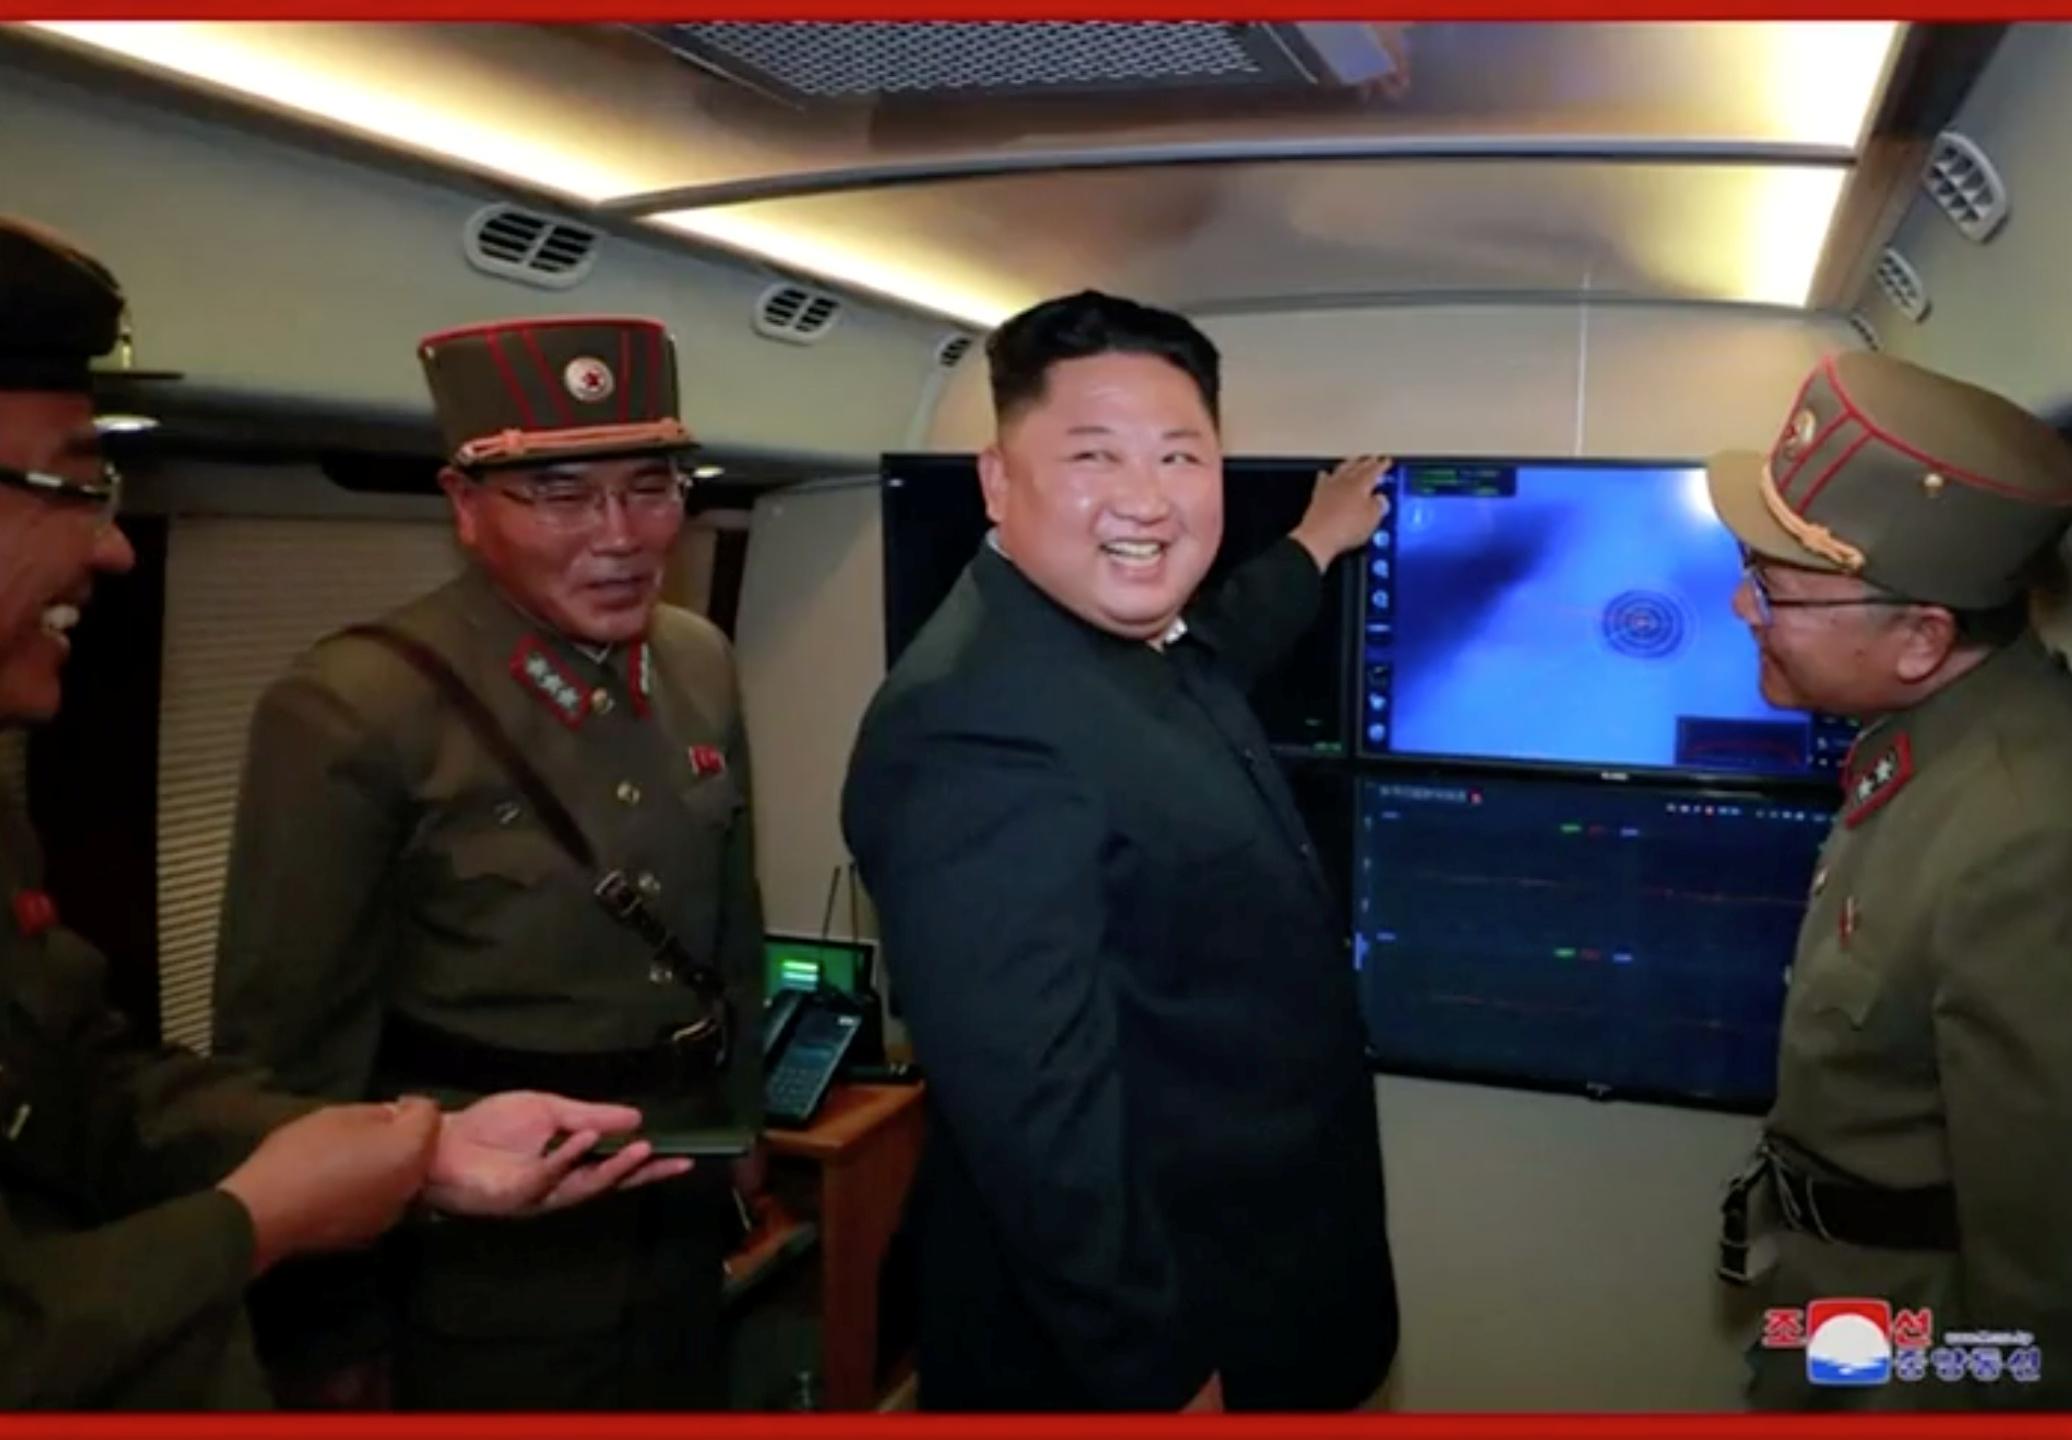 Δεν μπορεί να κρατηθεί! Νέα δοκιμή από τη Βόρεια Κορέα – Εκτόξευσε βλήματα αγνώστων στοιχείων